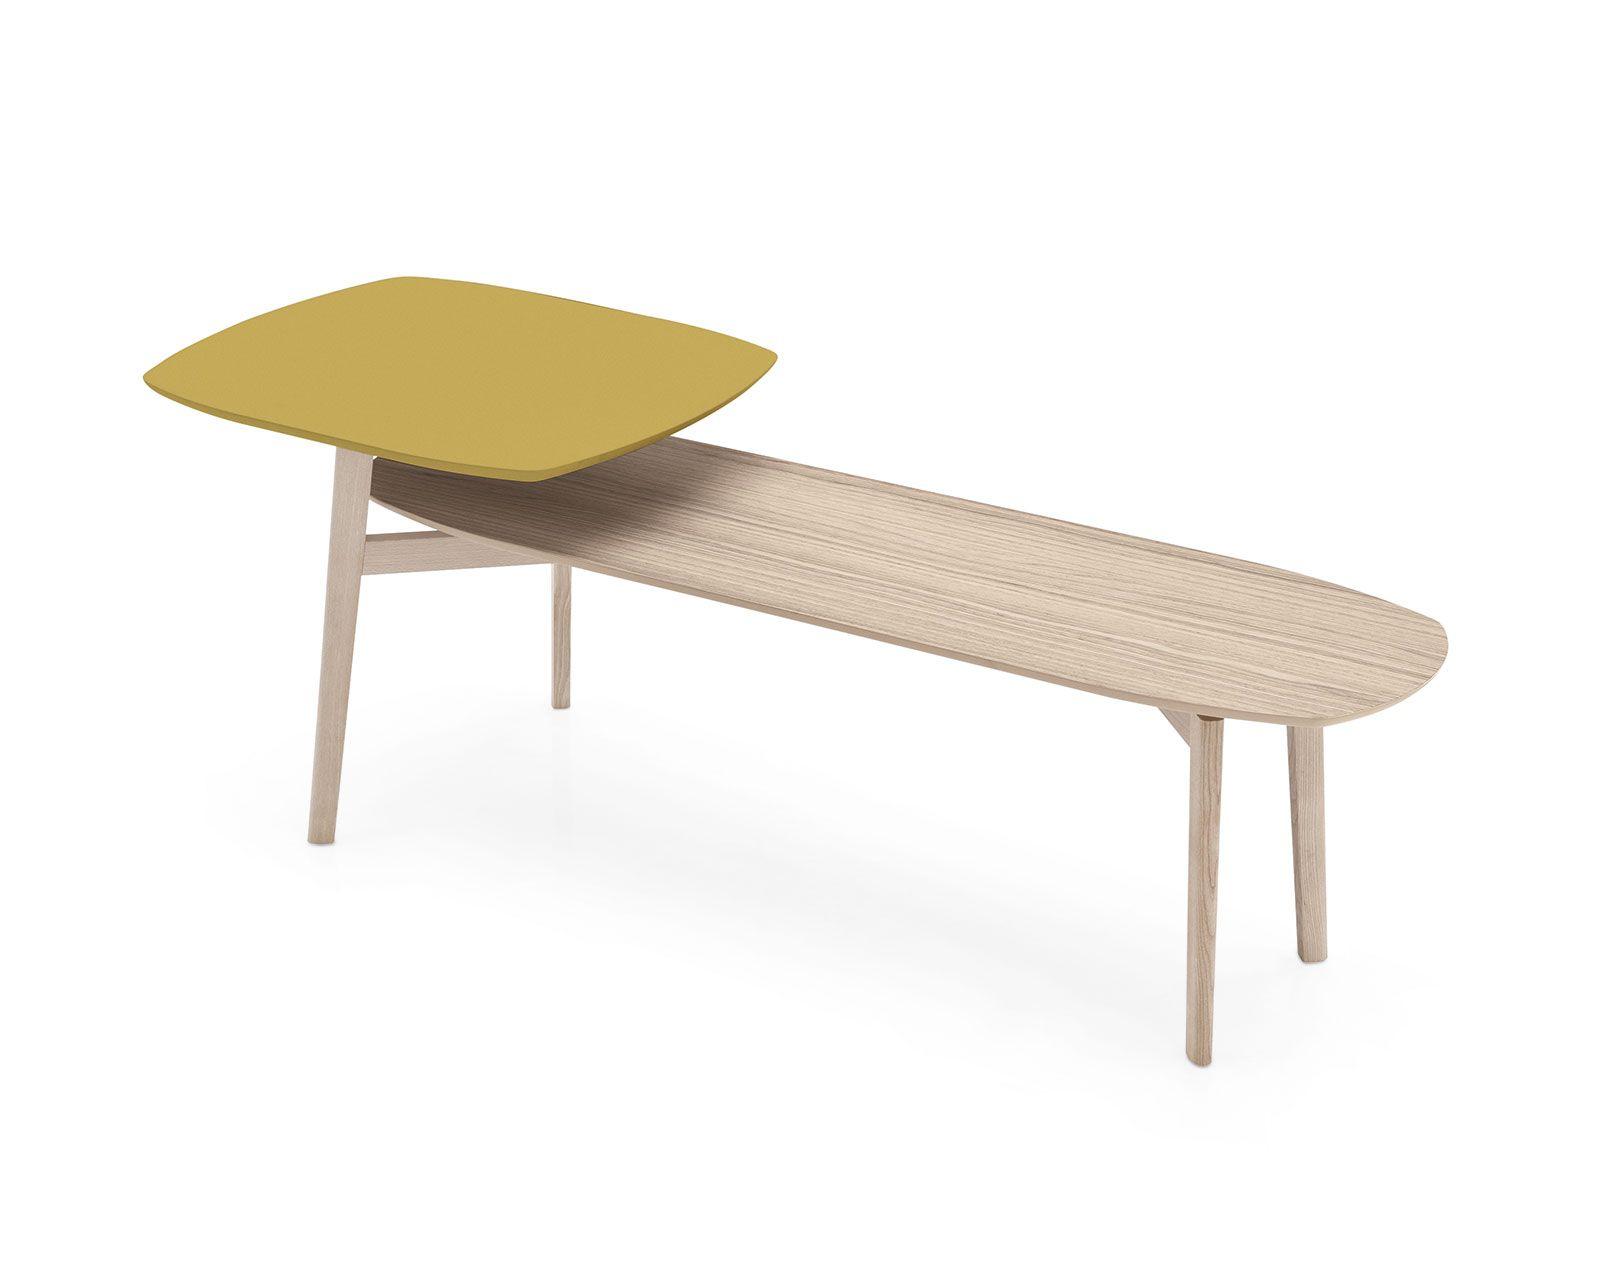 f7c0c4b48db8fdf06f4bb504f15e10fd Meilleur De De Table Basse Bois Moderne Concept